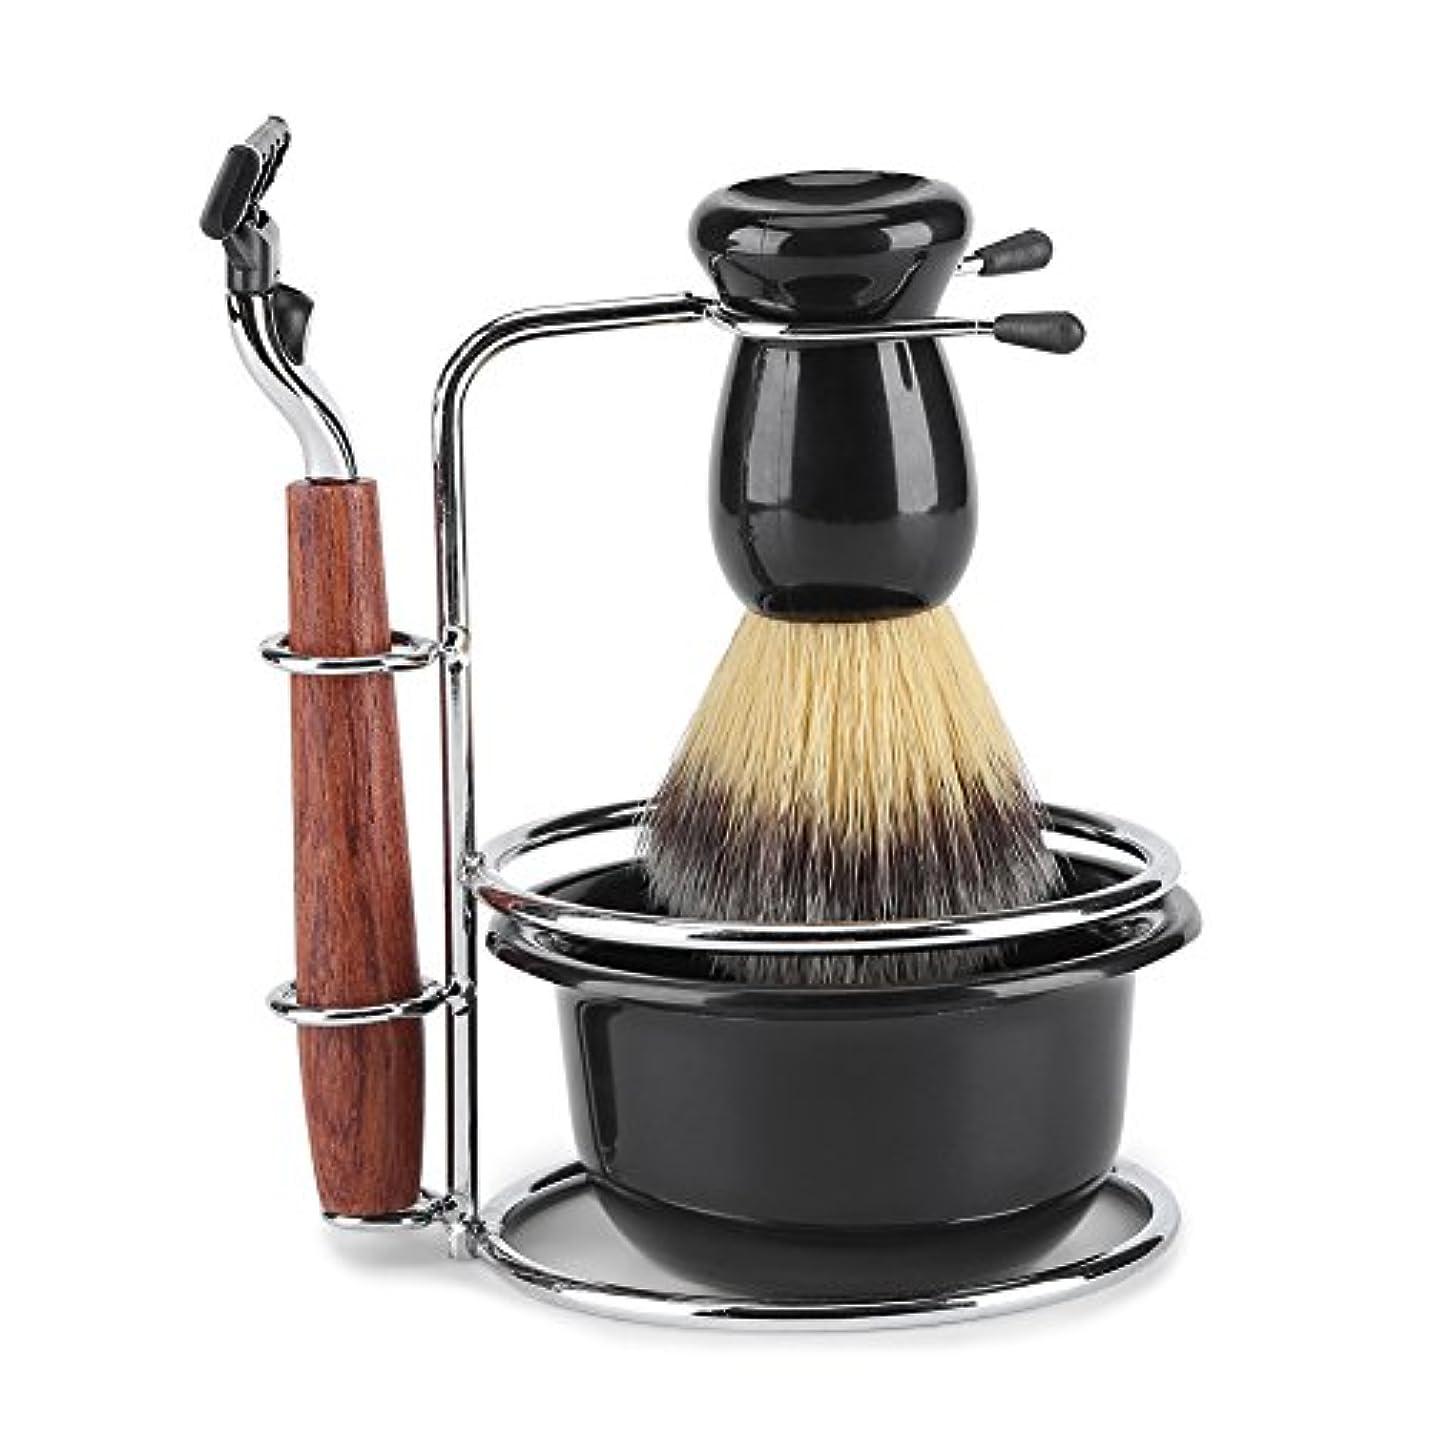 セブン気性スキルシェービングキット 4-in-1 ひげ剃りツールセット マニュアルスタンドホルダー ウェットシェービングキット ステンレススチール